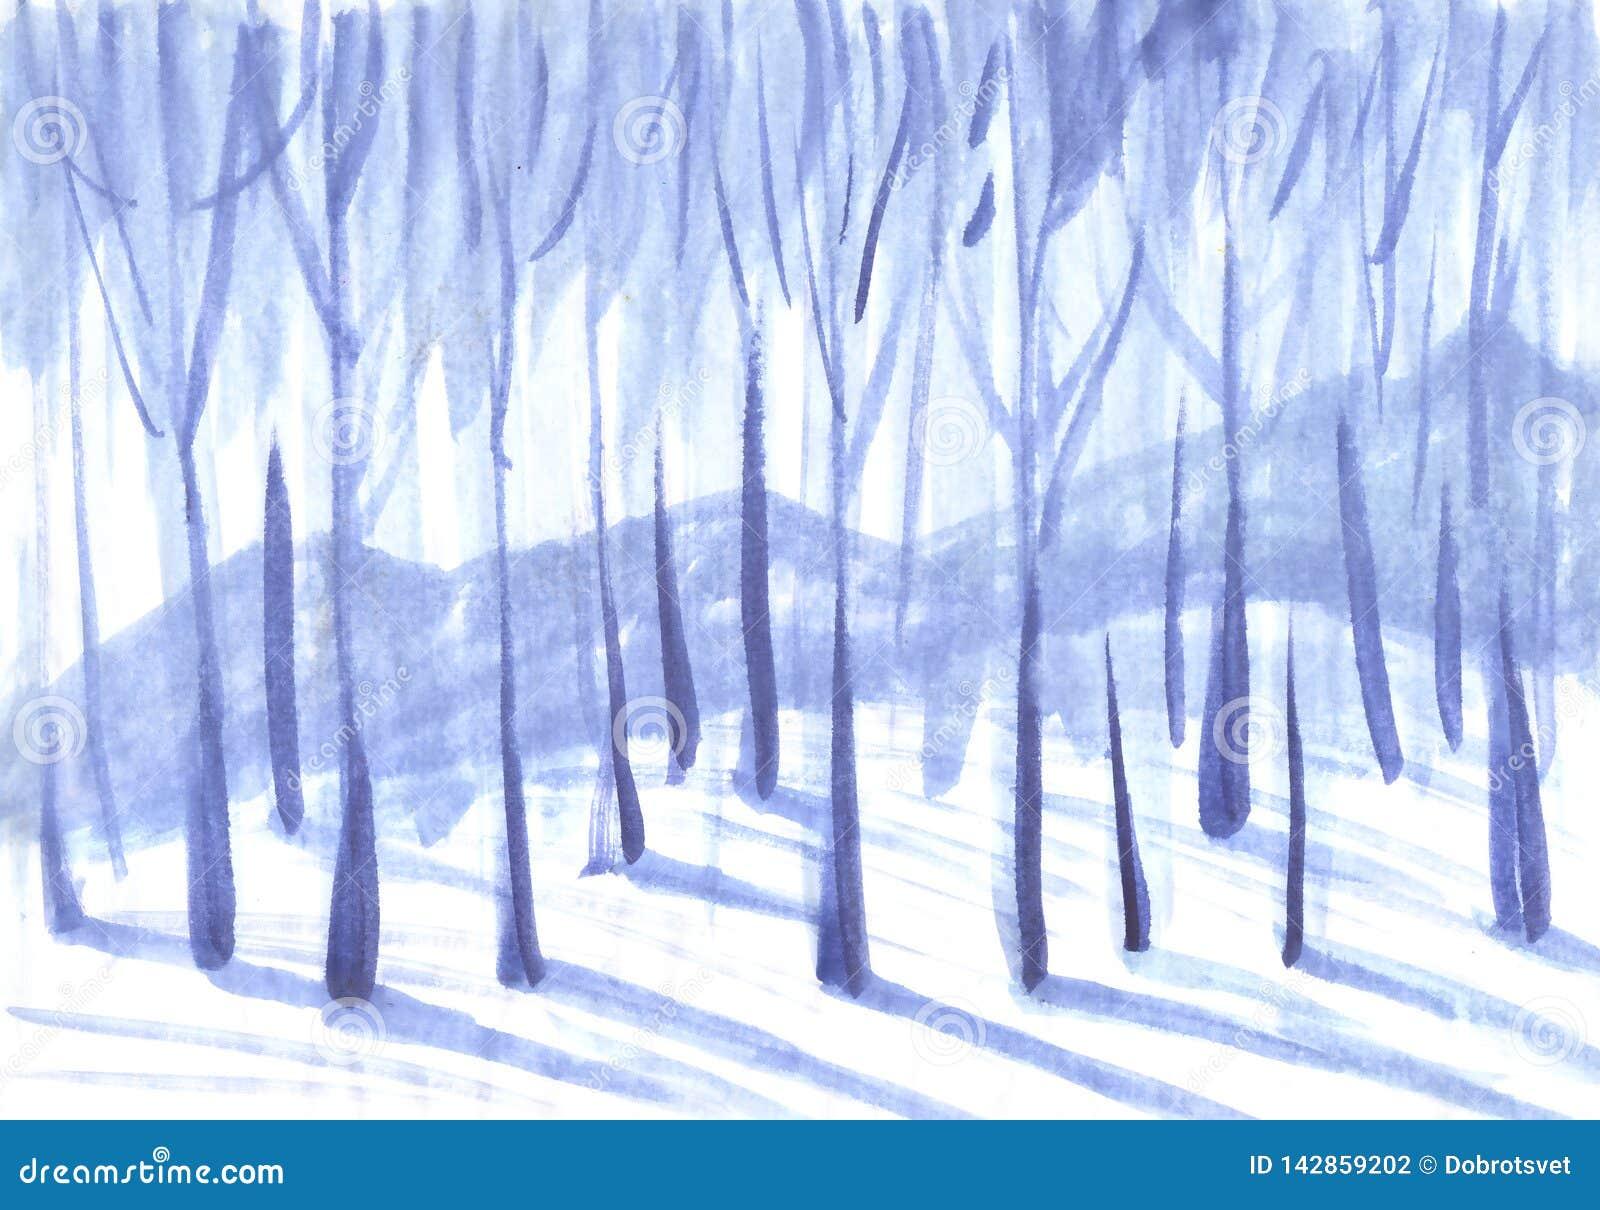 De achtergrond van de winter Bomen in een sneeuwbos